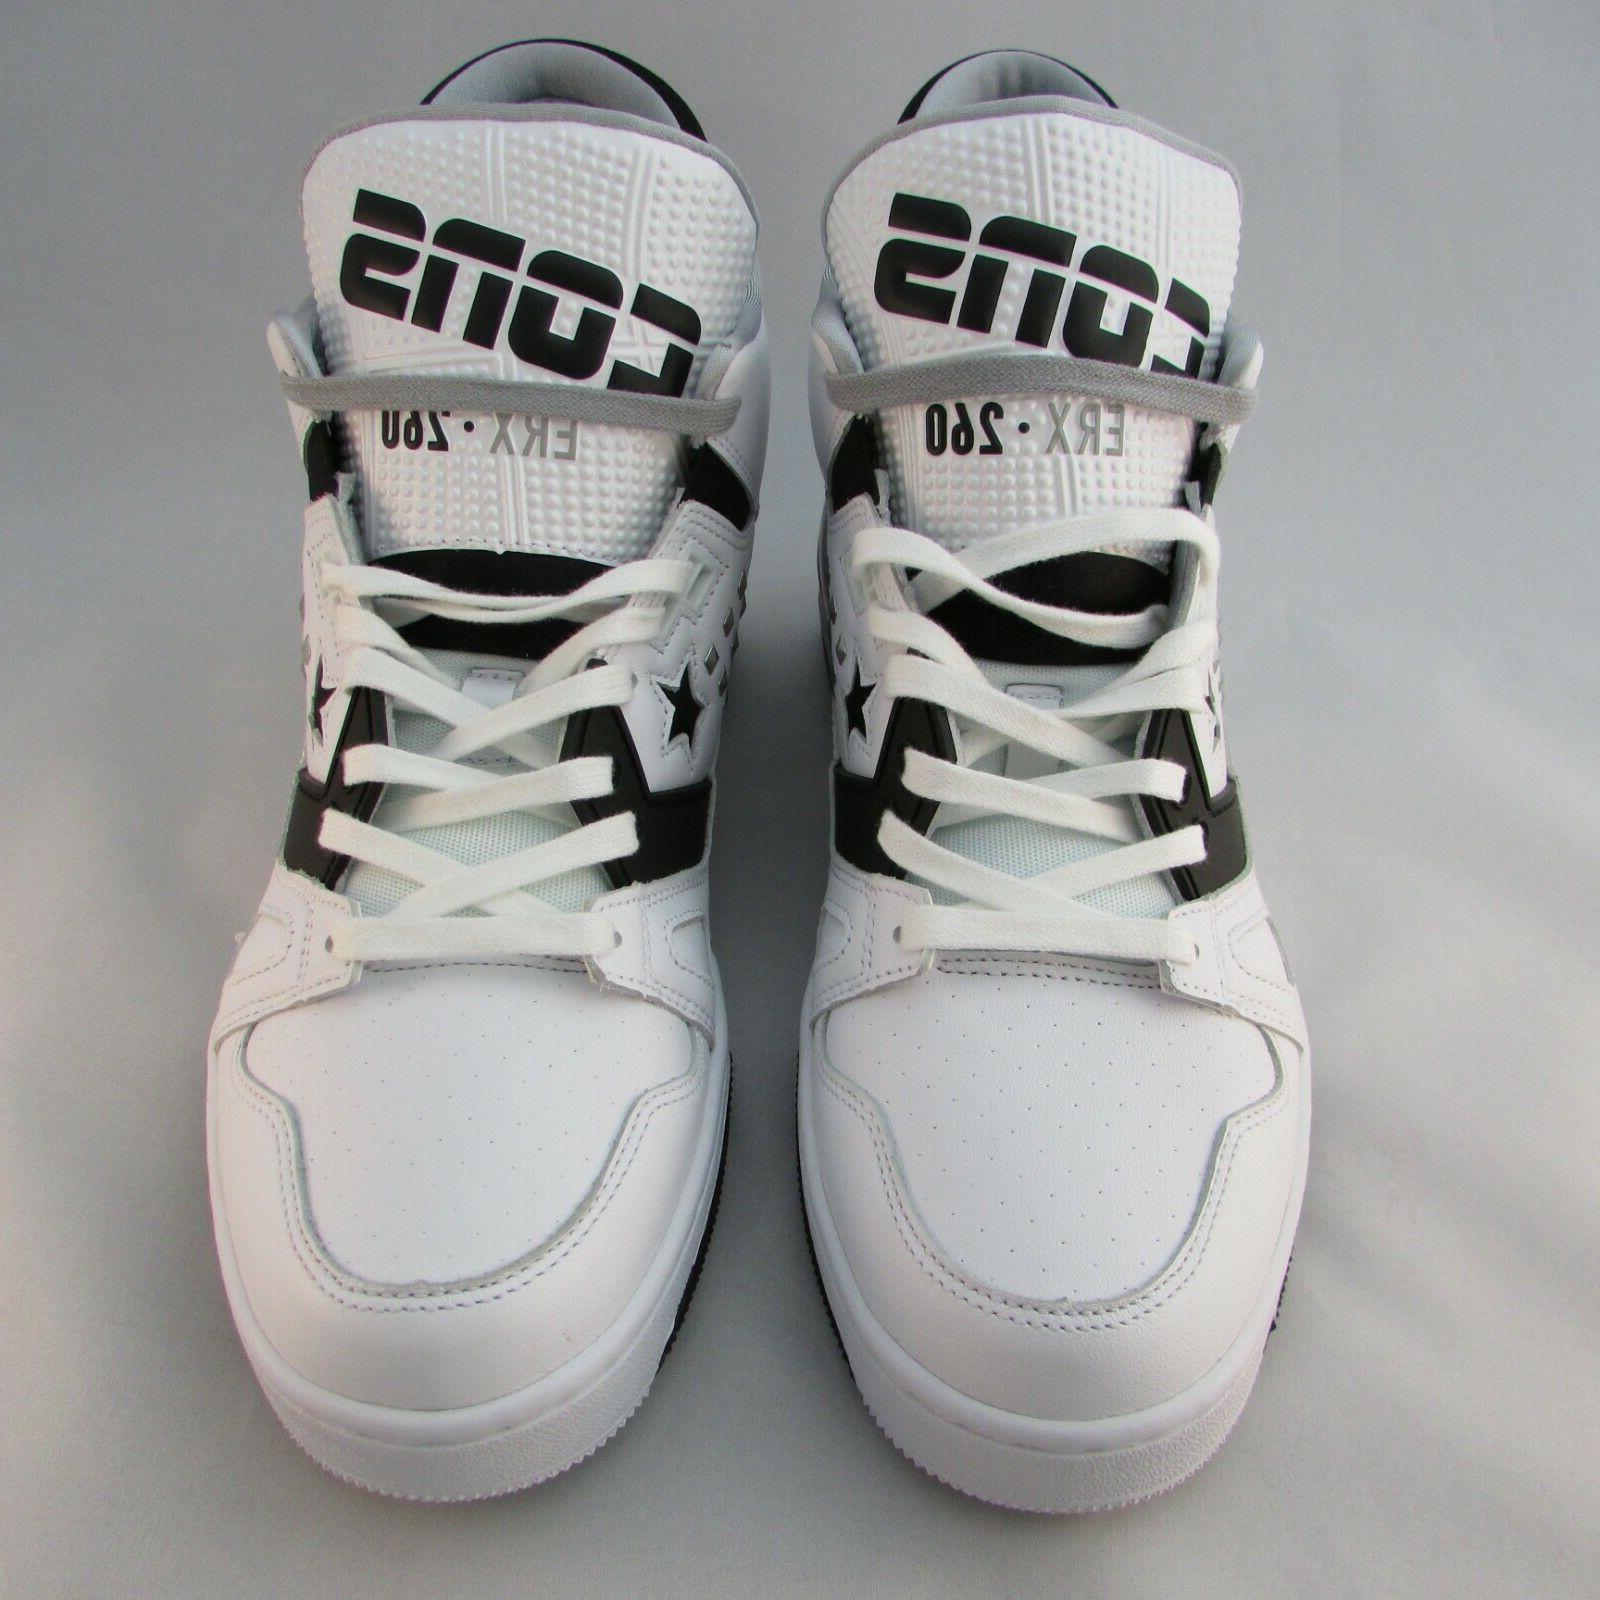 Converse C ERX 260 Black 163799C Retro Shoes